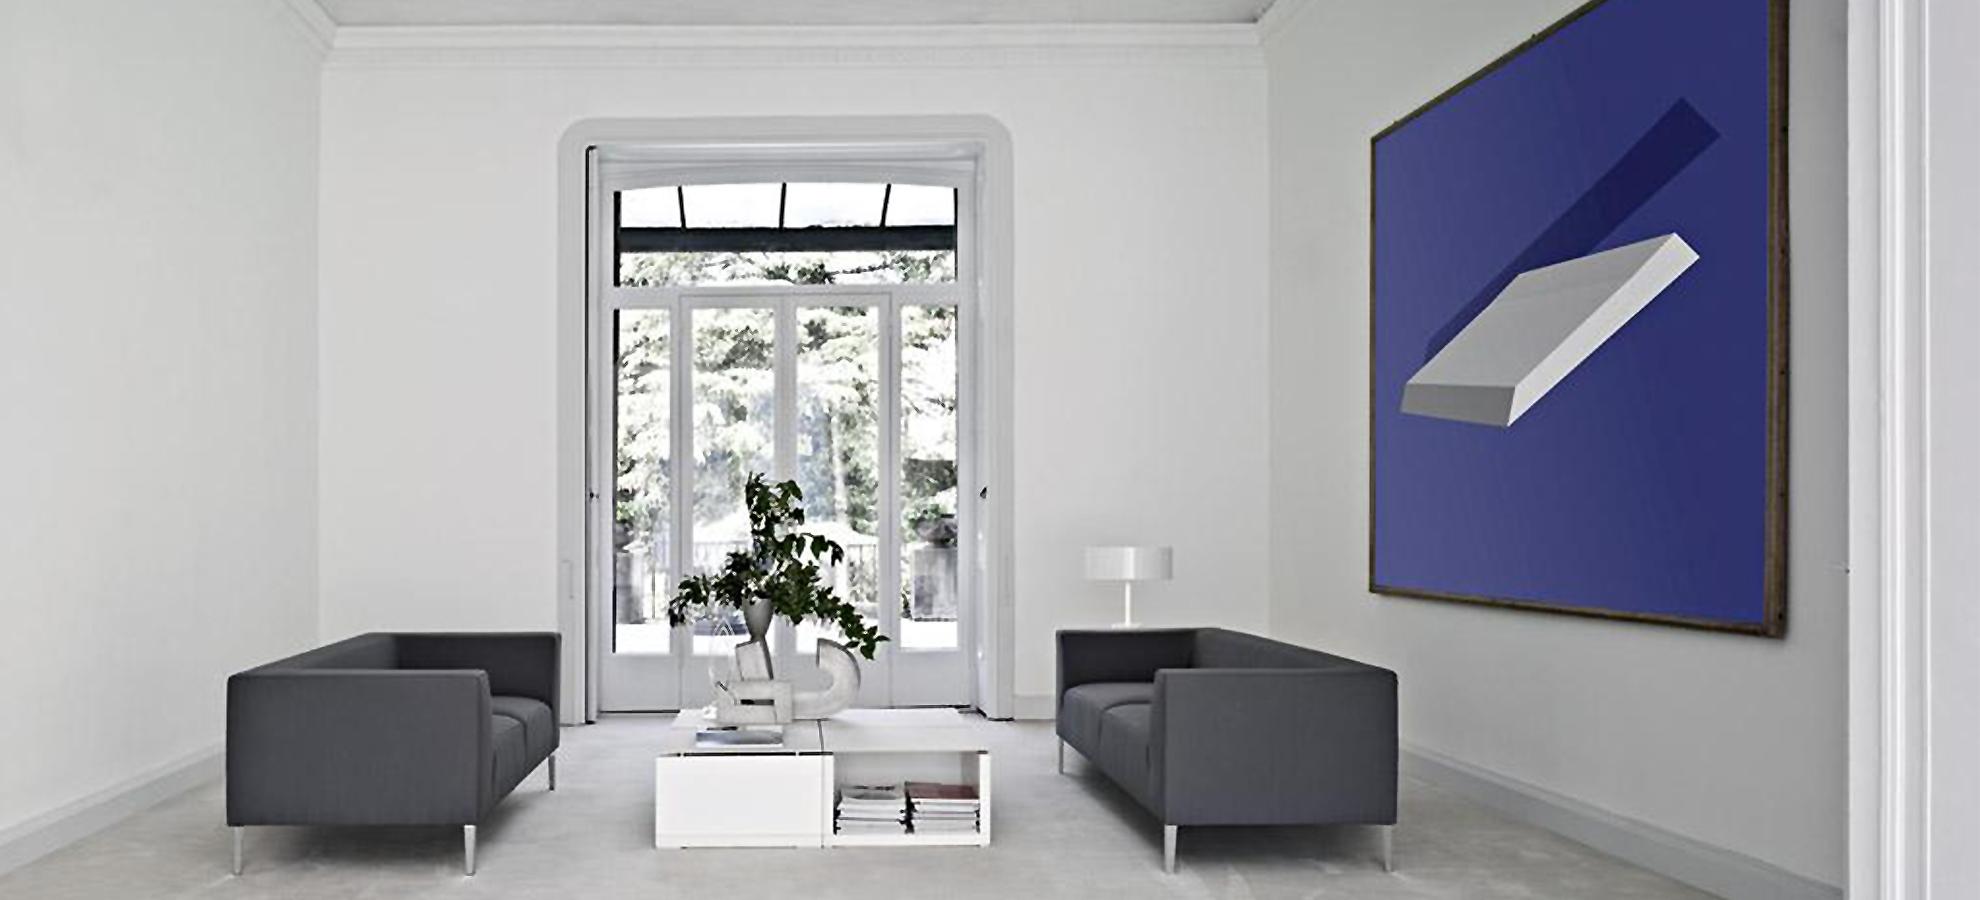 STOCK Büroeinrichtungen - Günstige Loungemöbel der besonderen Art ...